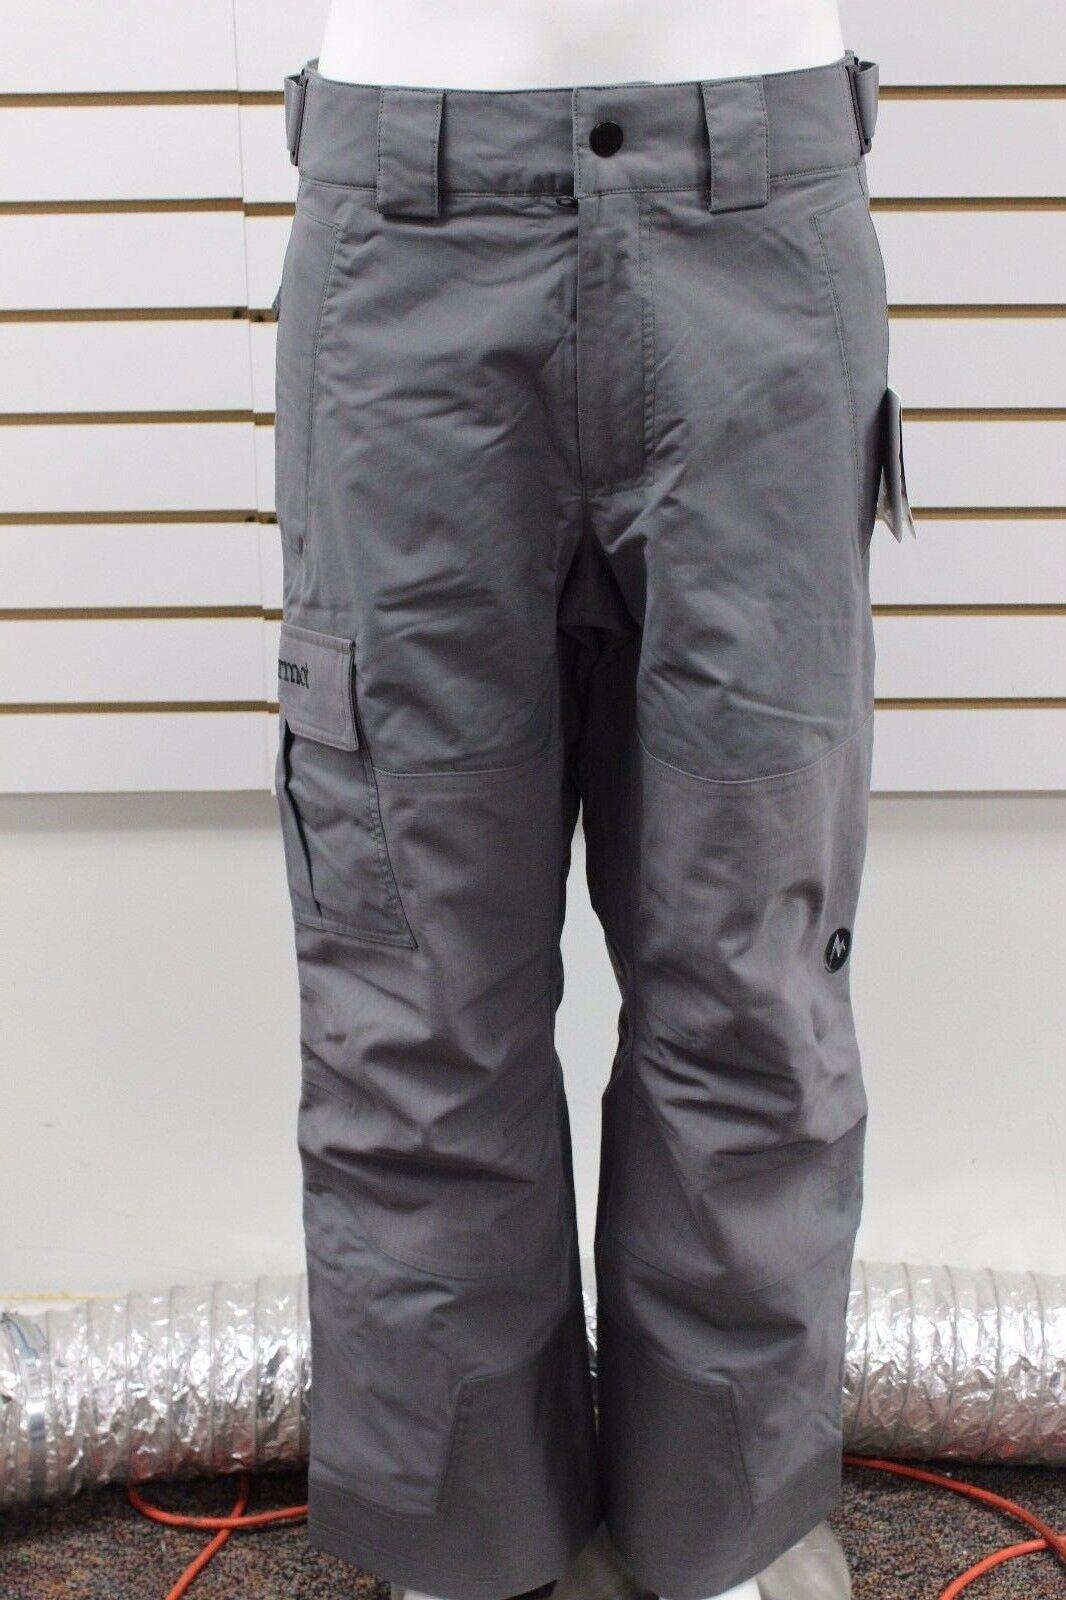 Marmot Herren Lifty Schnee Hose Asche Wasserfest 71550 Neu mit Etikett